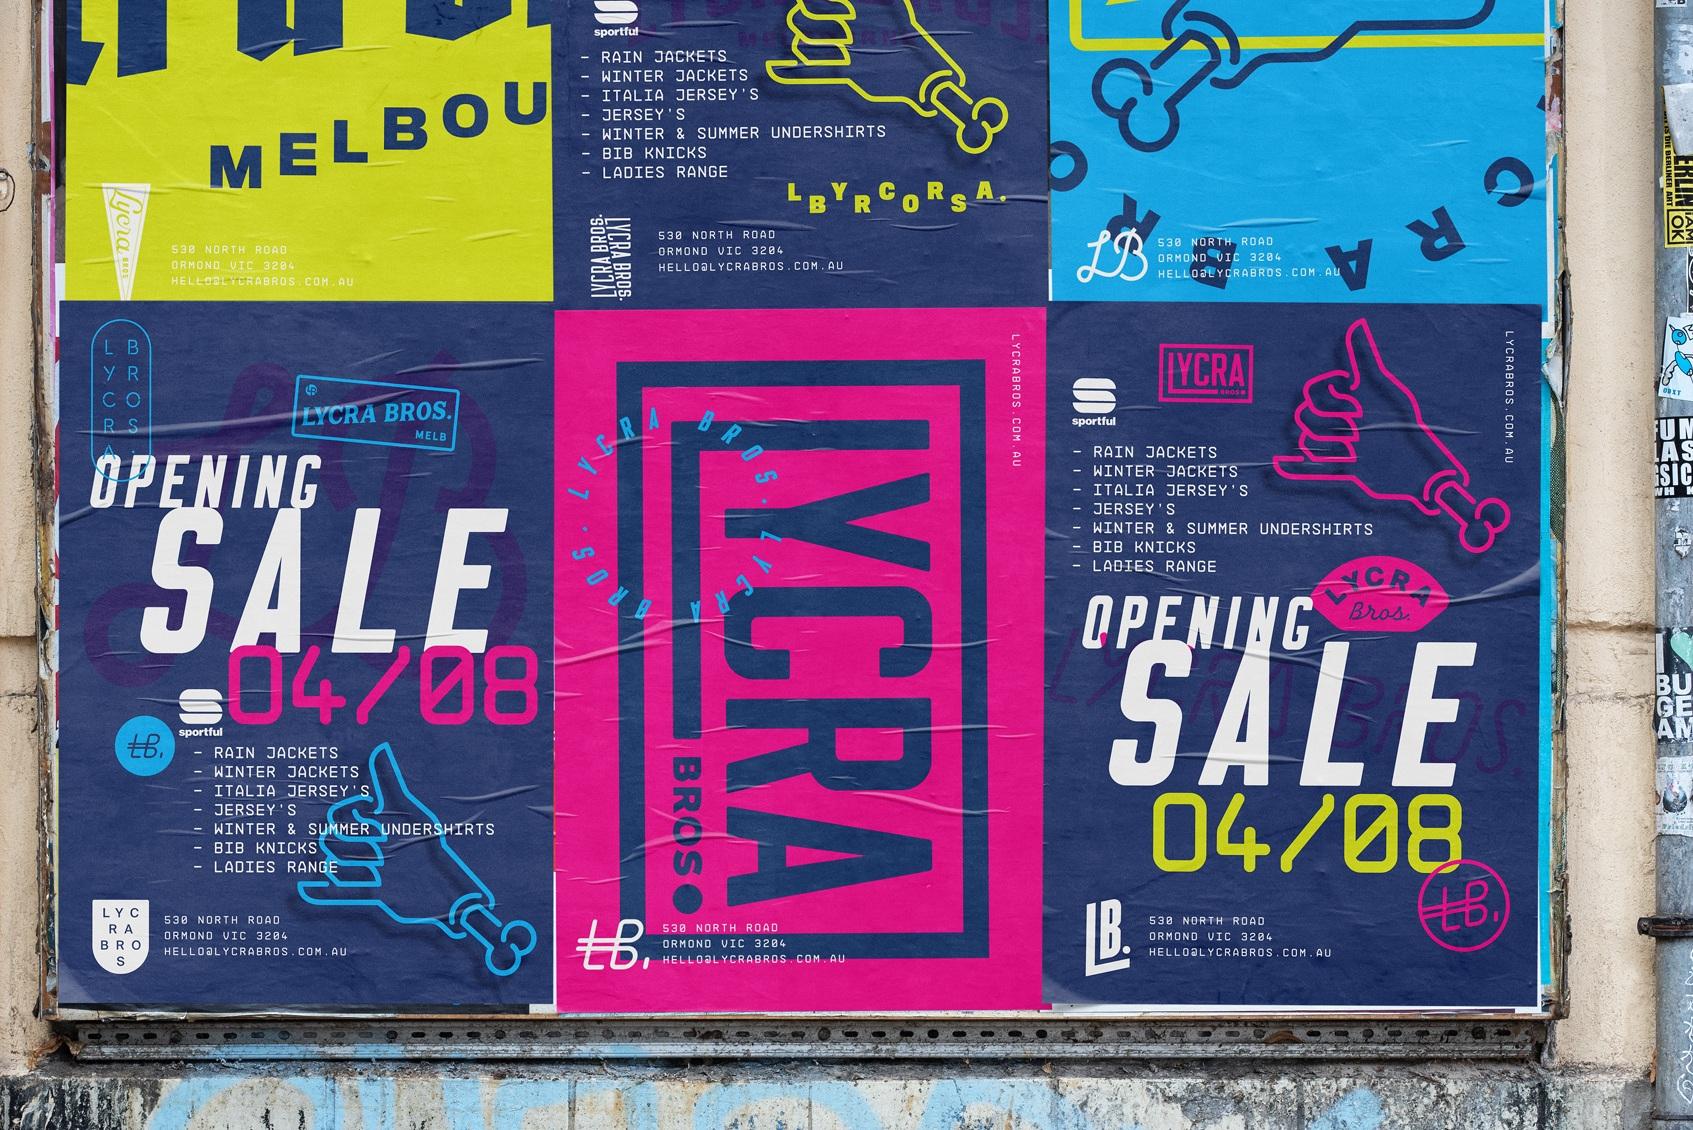 Lycra Bros - Branding, Collateral, Environment